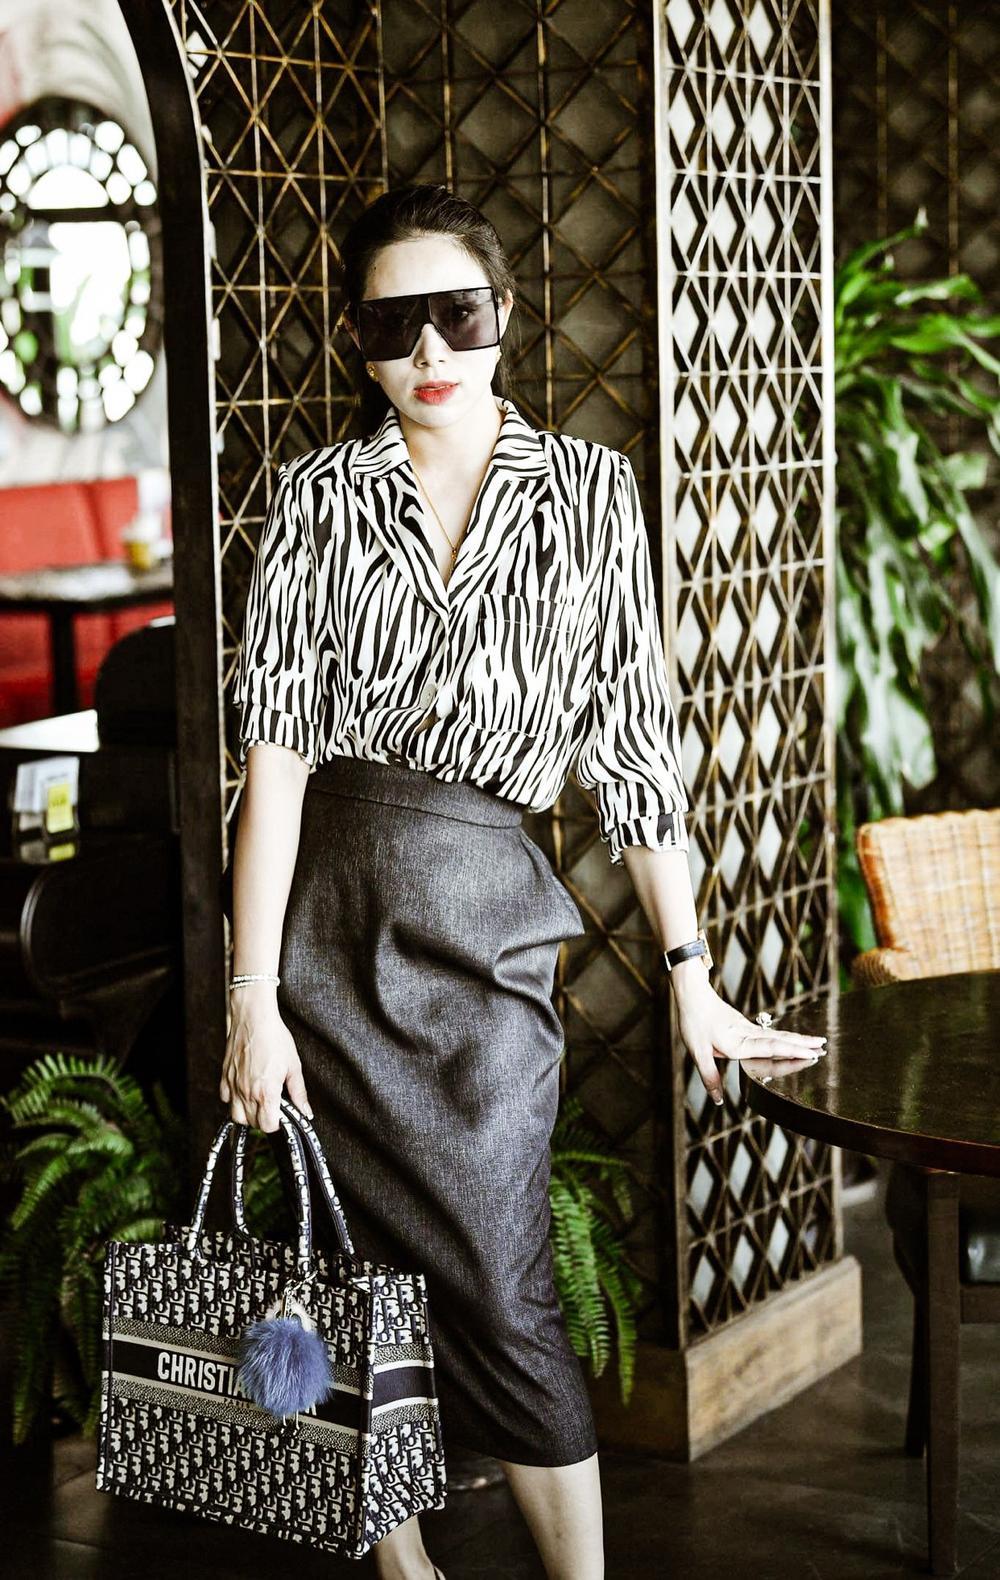 Phạm Quỳnh - Nữ doanh nhân sở hữu gout thời trang ấn tượng không kém fashionista Ảnh 5